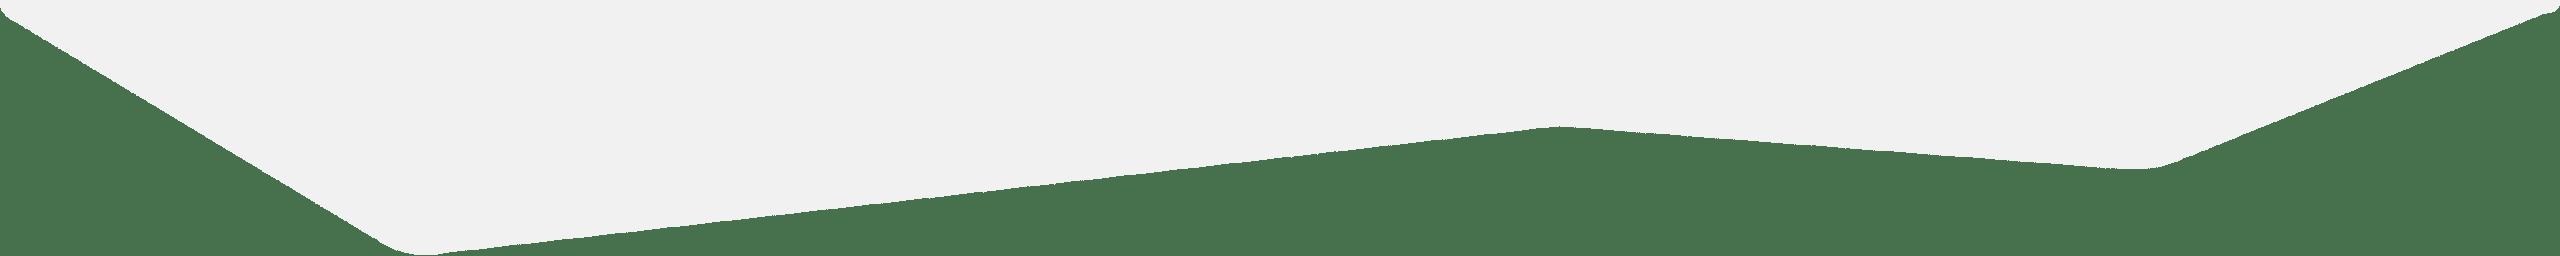 Grafik Element grauer Pfeil nach unten